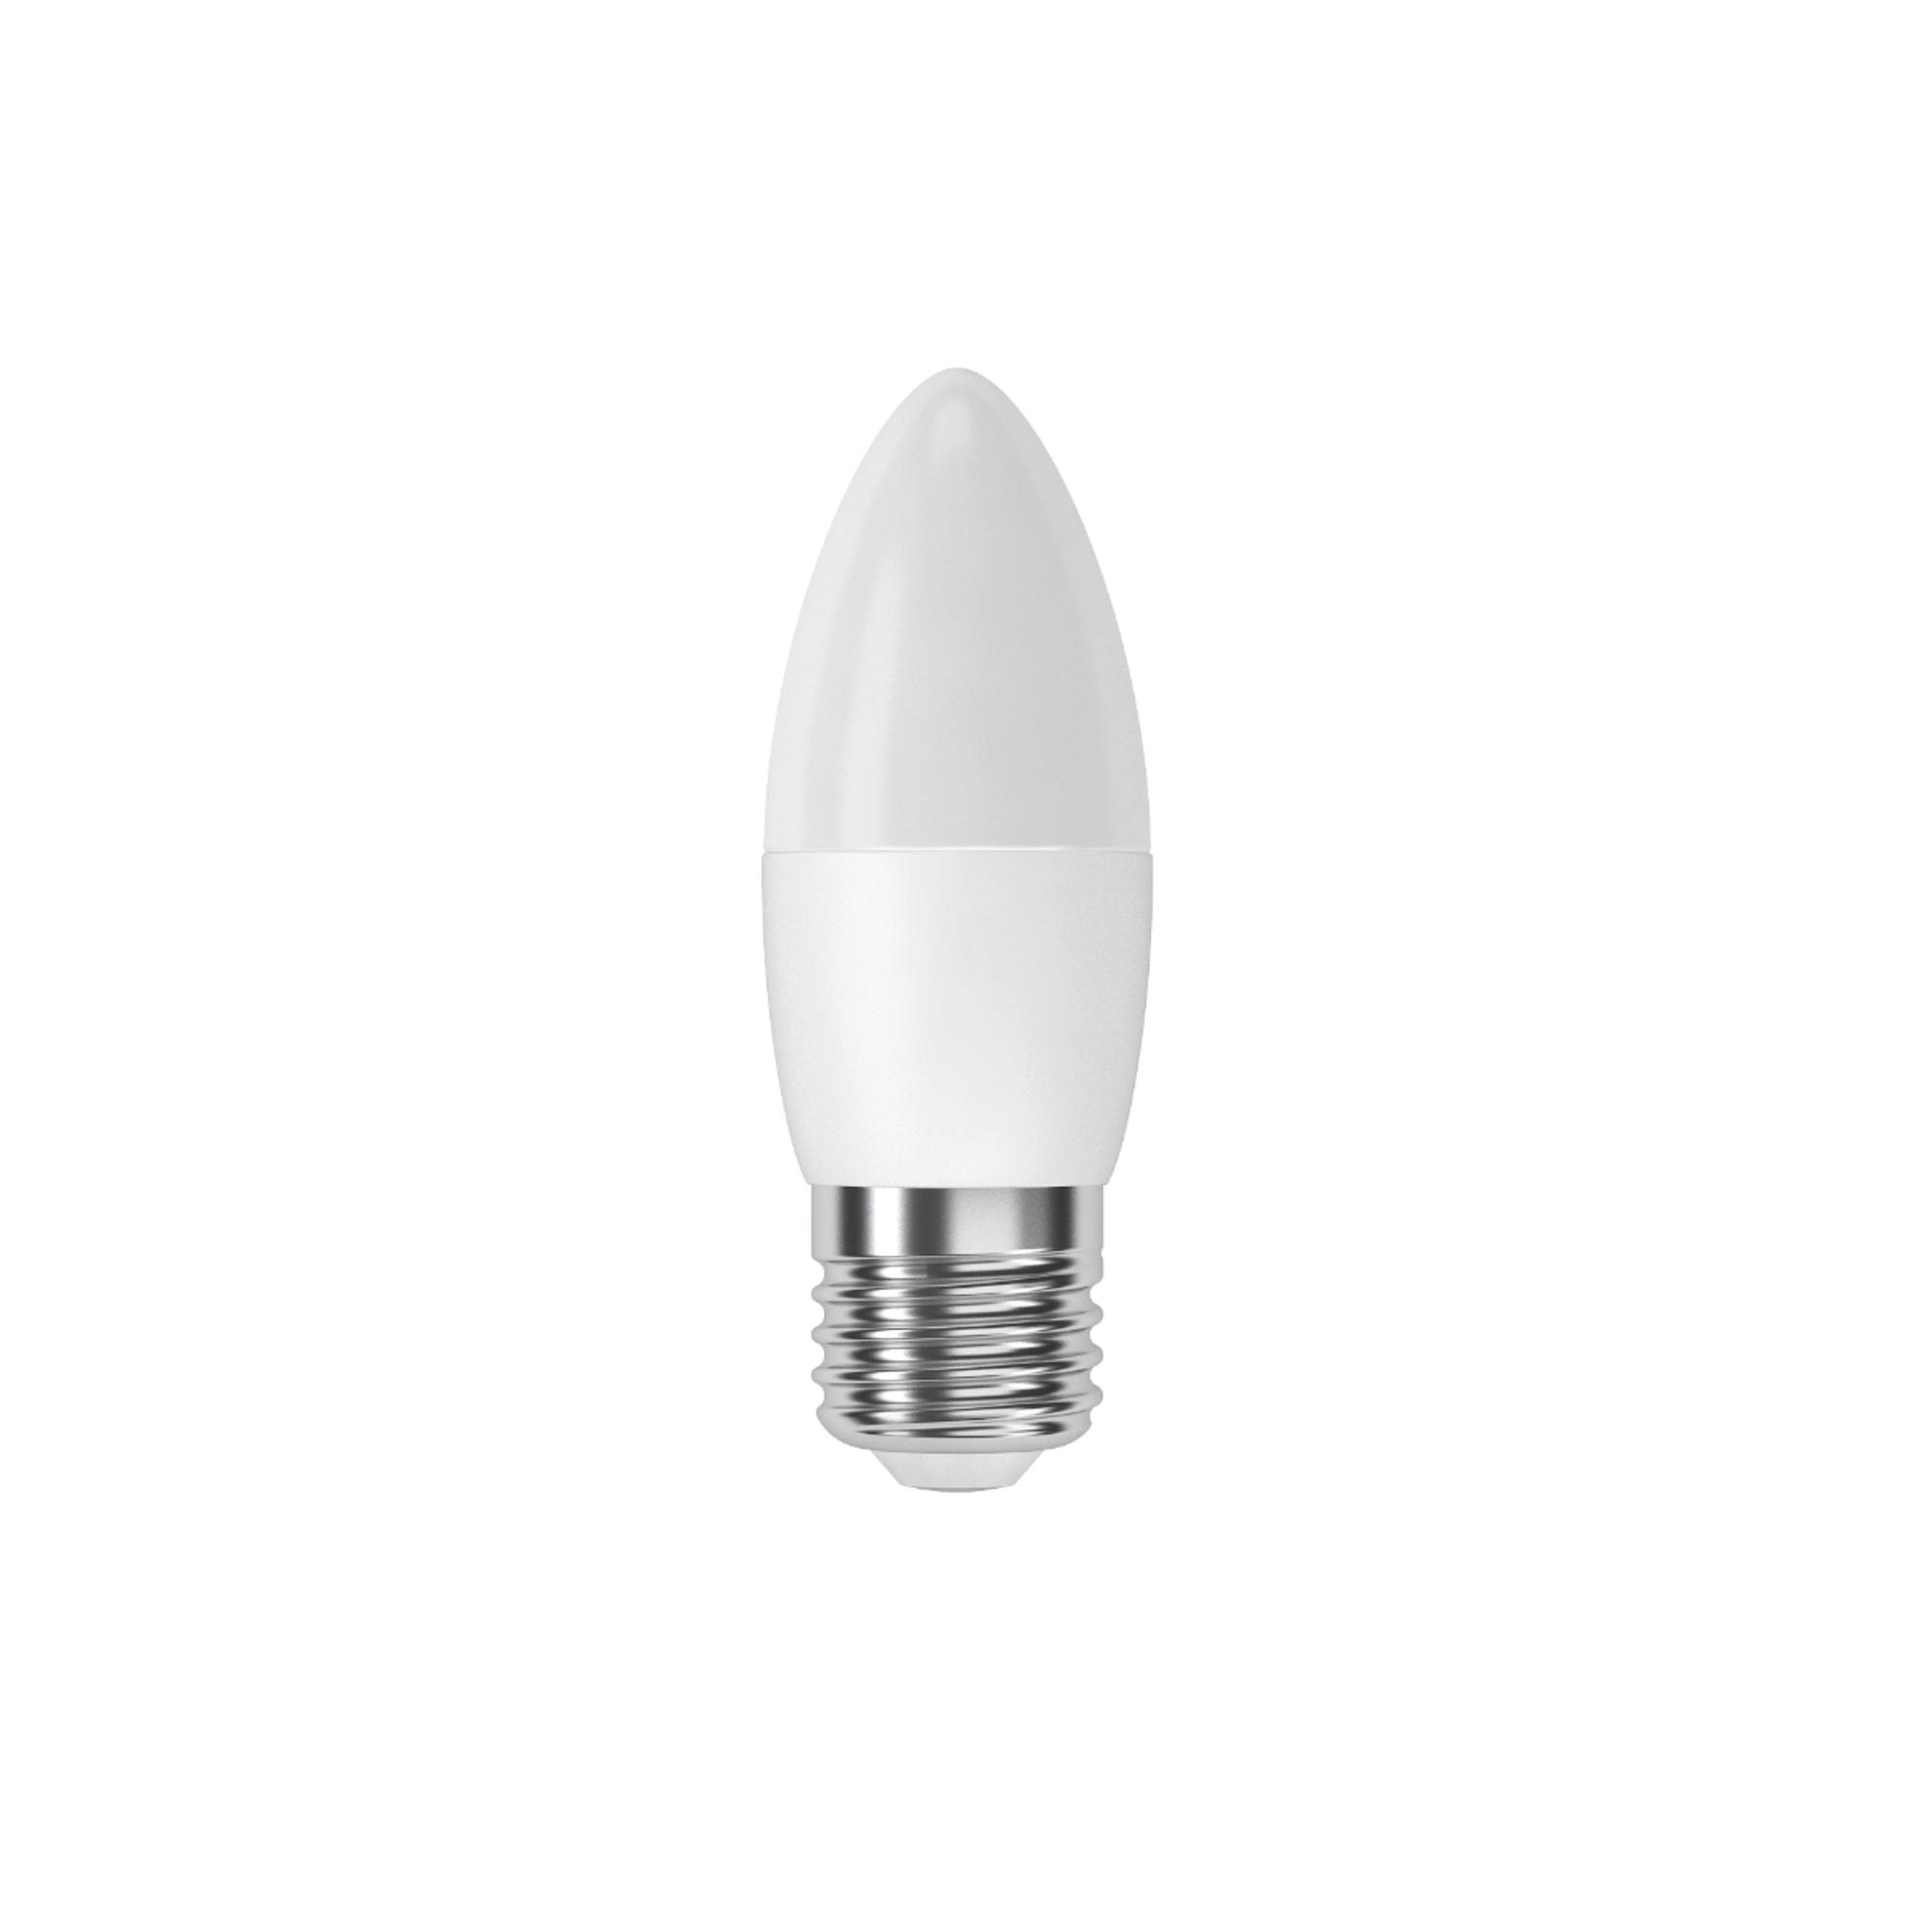 Светодиодная лампочка Фотон 23399 E27 530 Лм 6 Вт